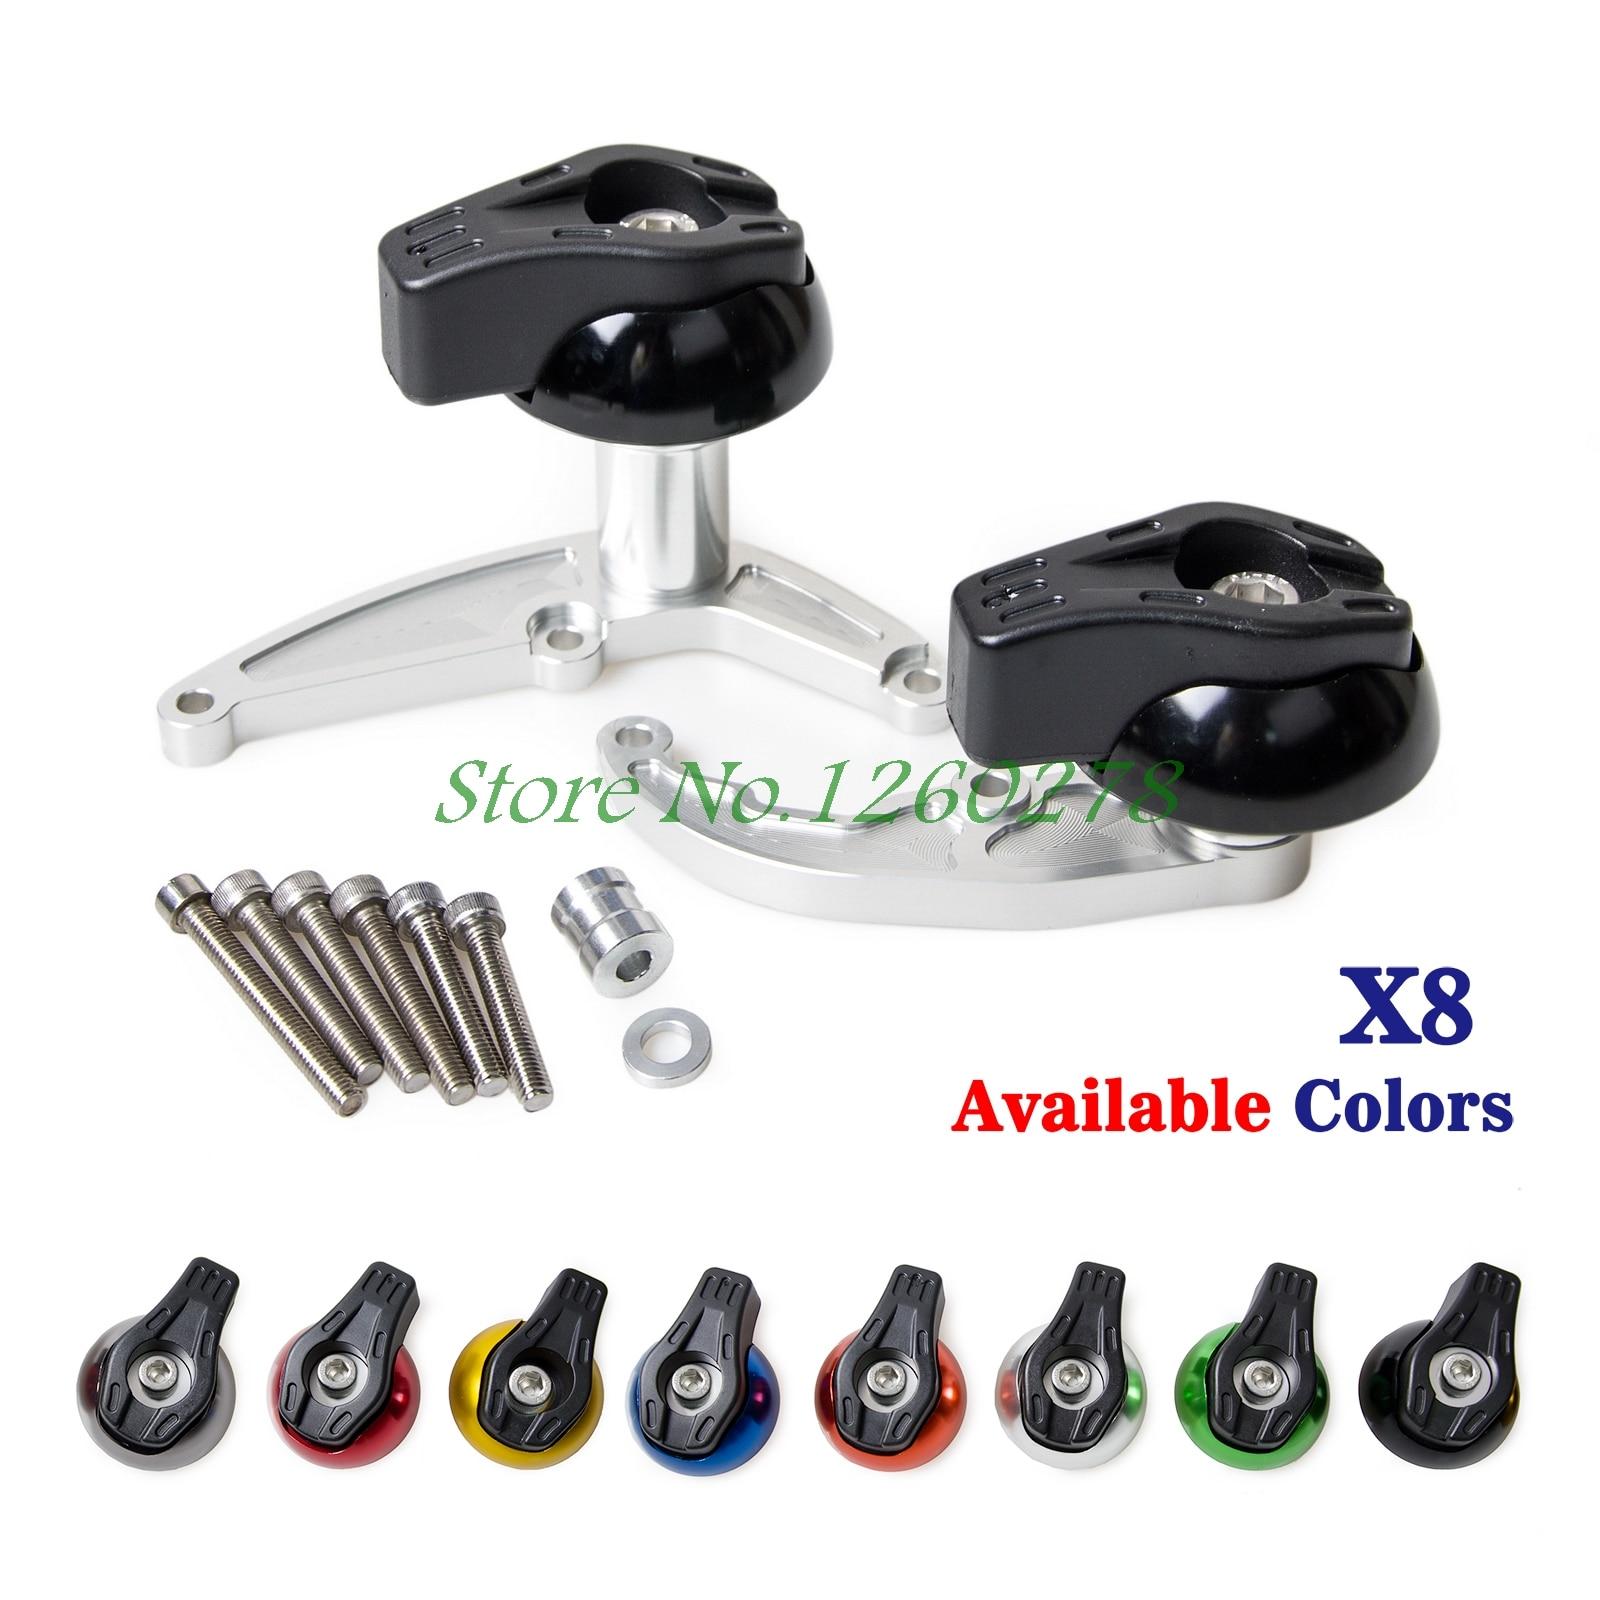 Motorcycle Engine Case Stator Crash Pad Slider Protector For Honda CBR600RR 2007 2008 2009 2010 2011 2012 2013 2014 2015 2016<br>